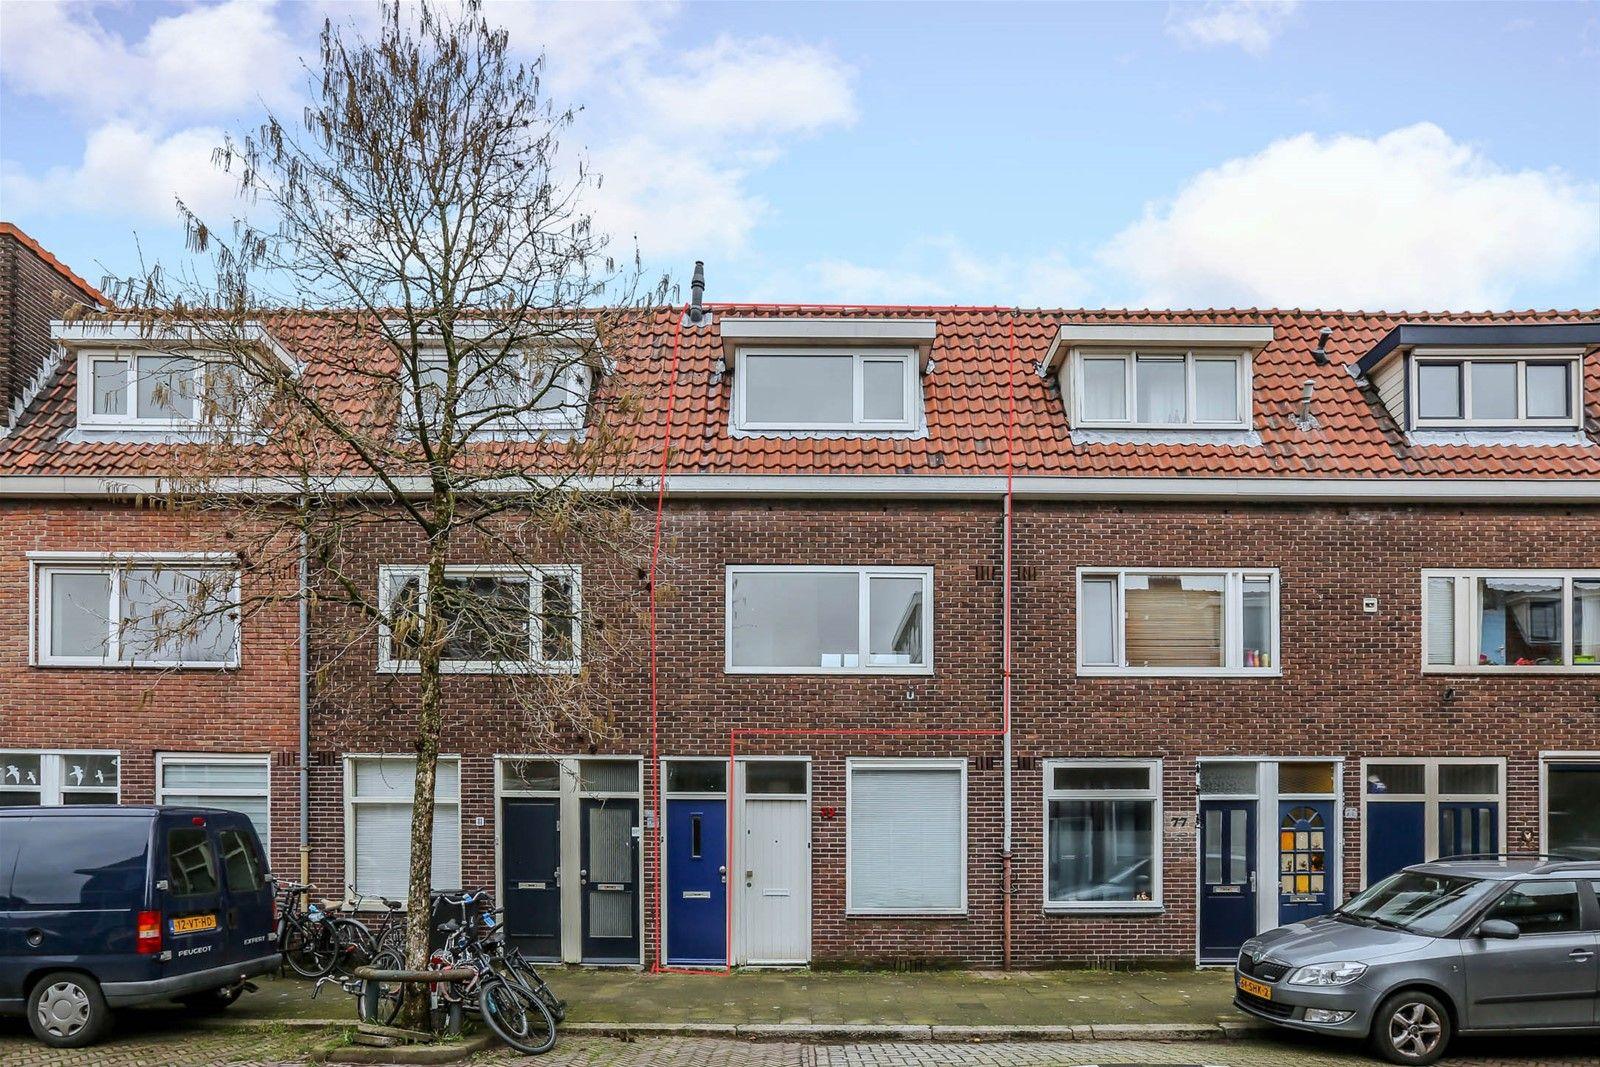 Hermannus Elconiusstraat 79Bis, Utrecht